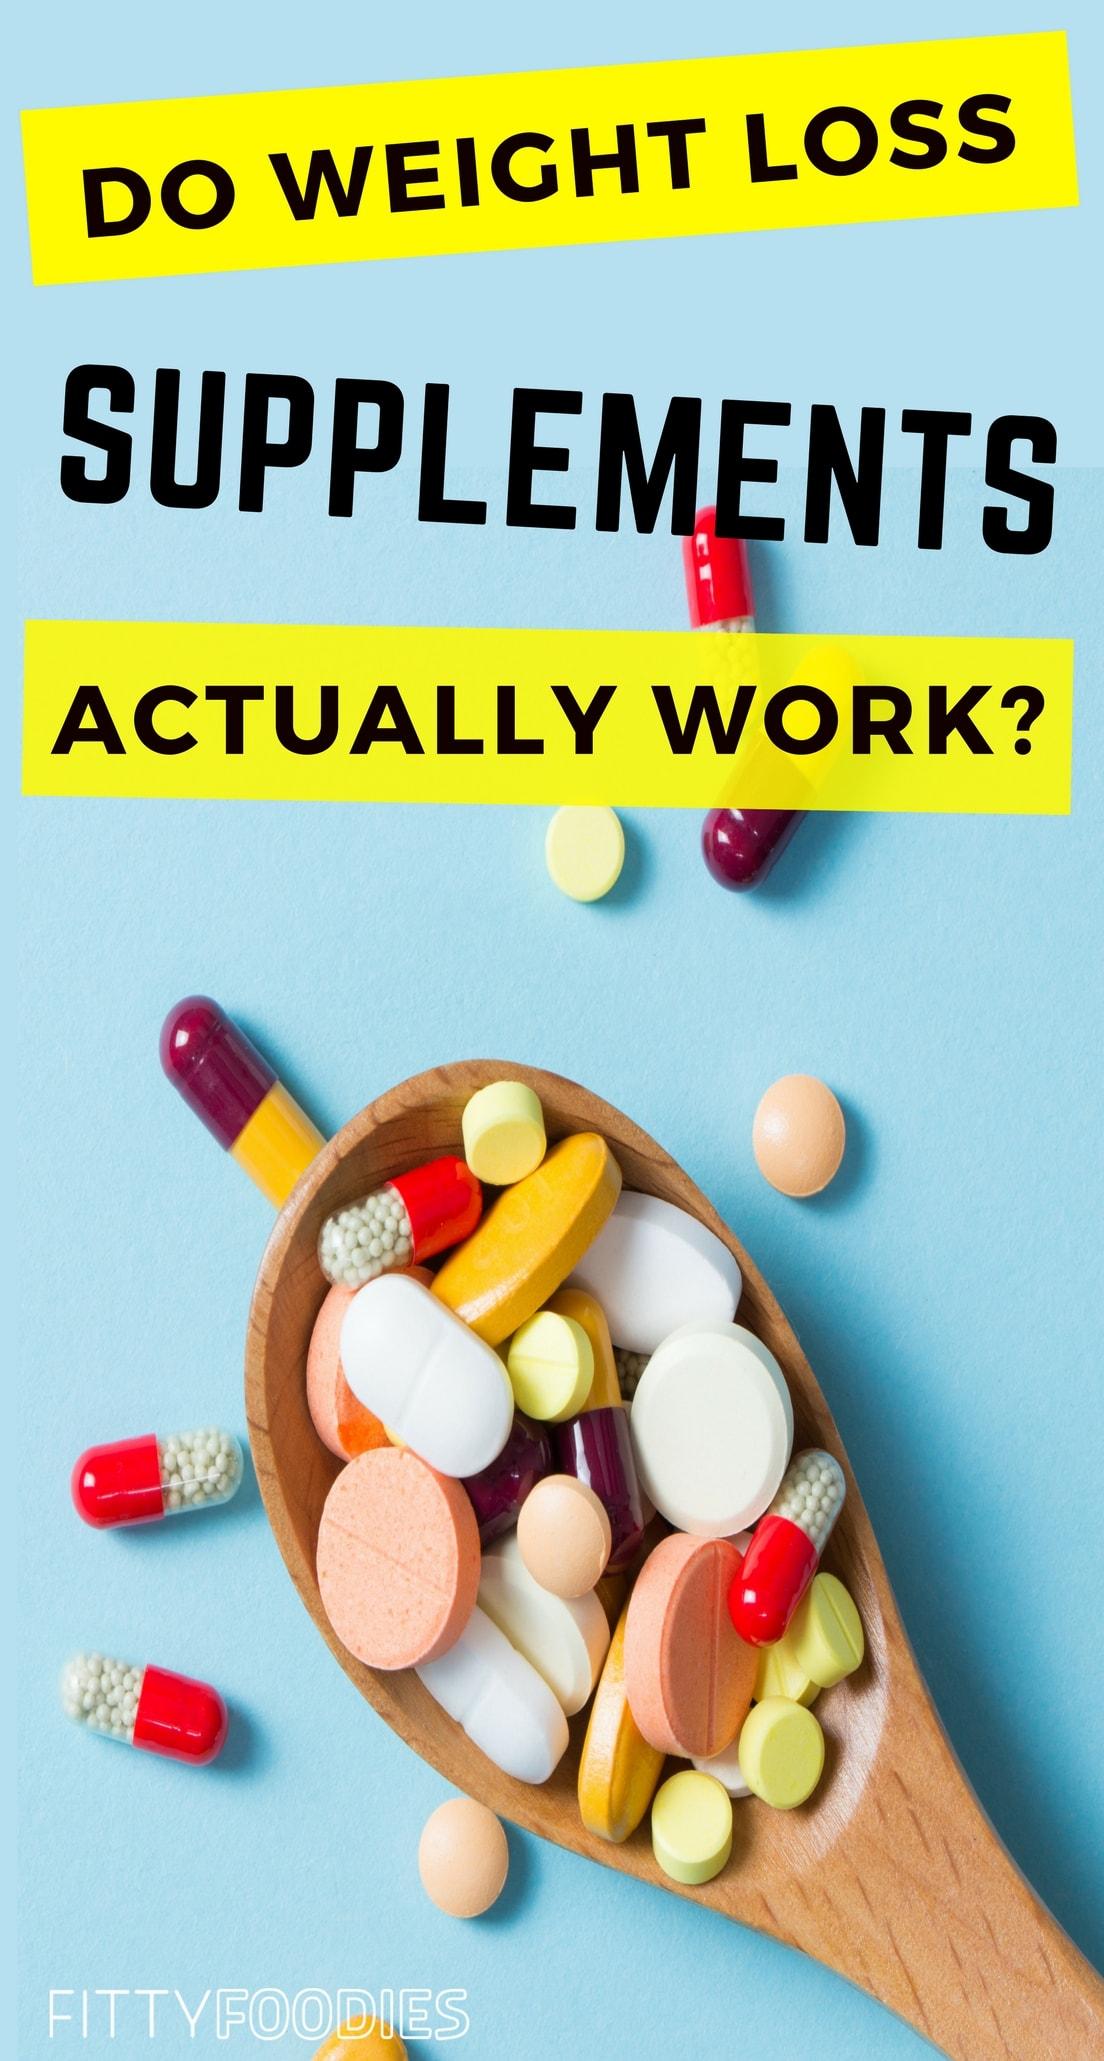 Supplements work